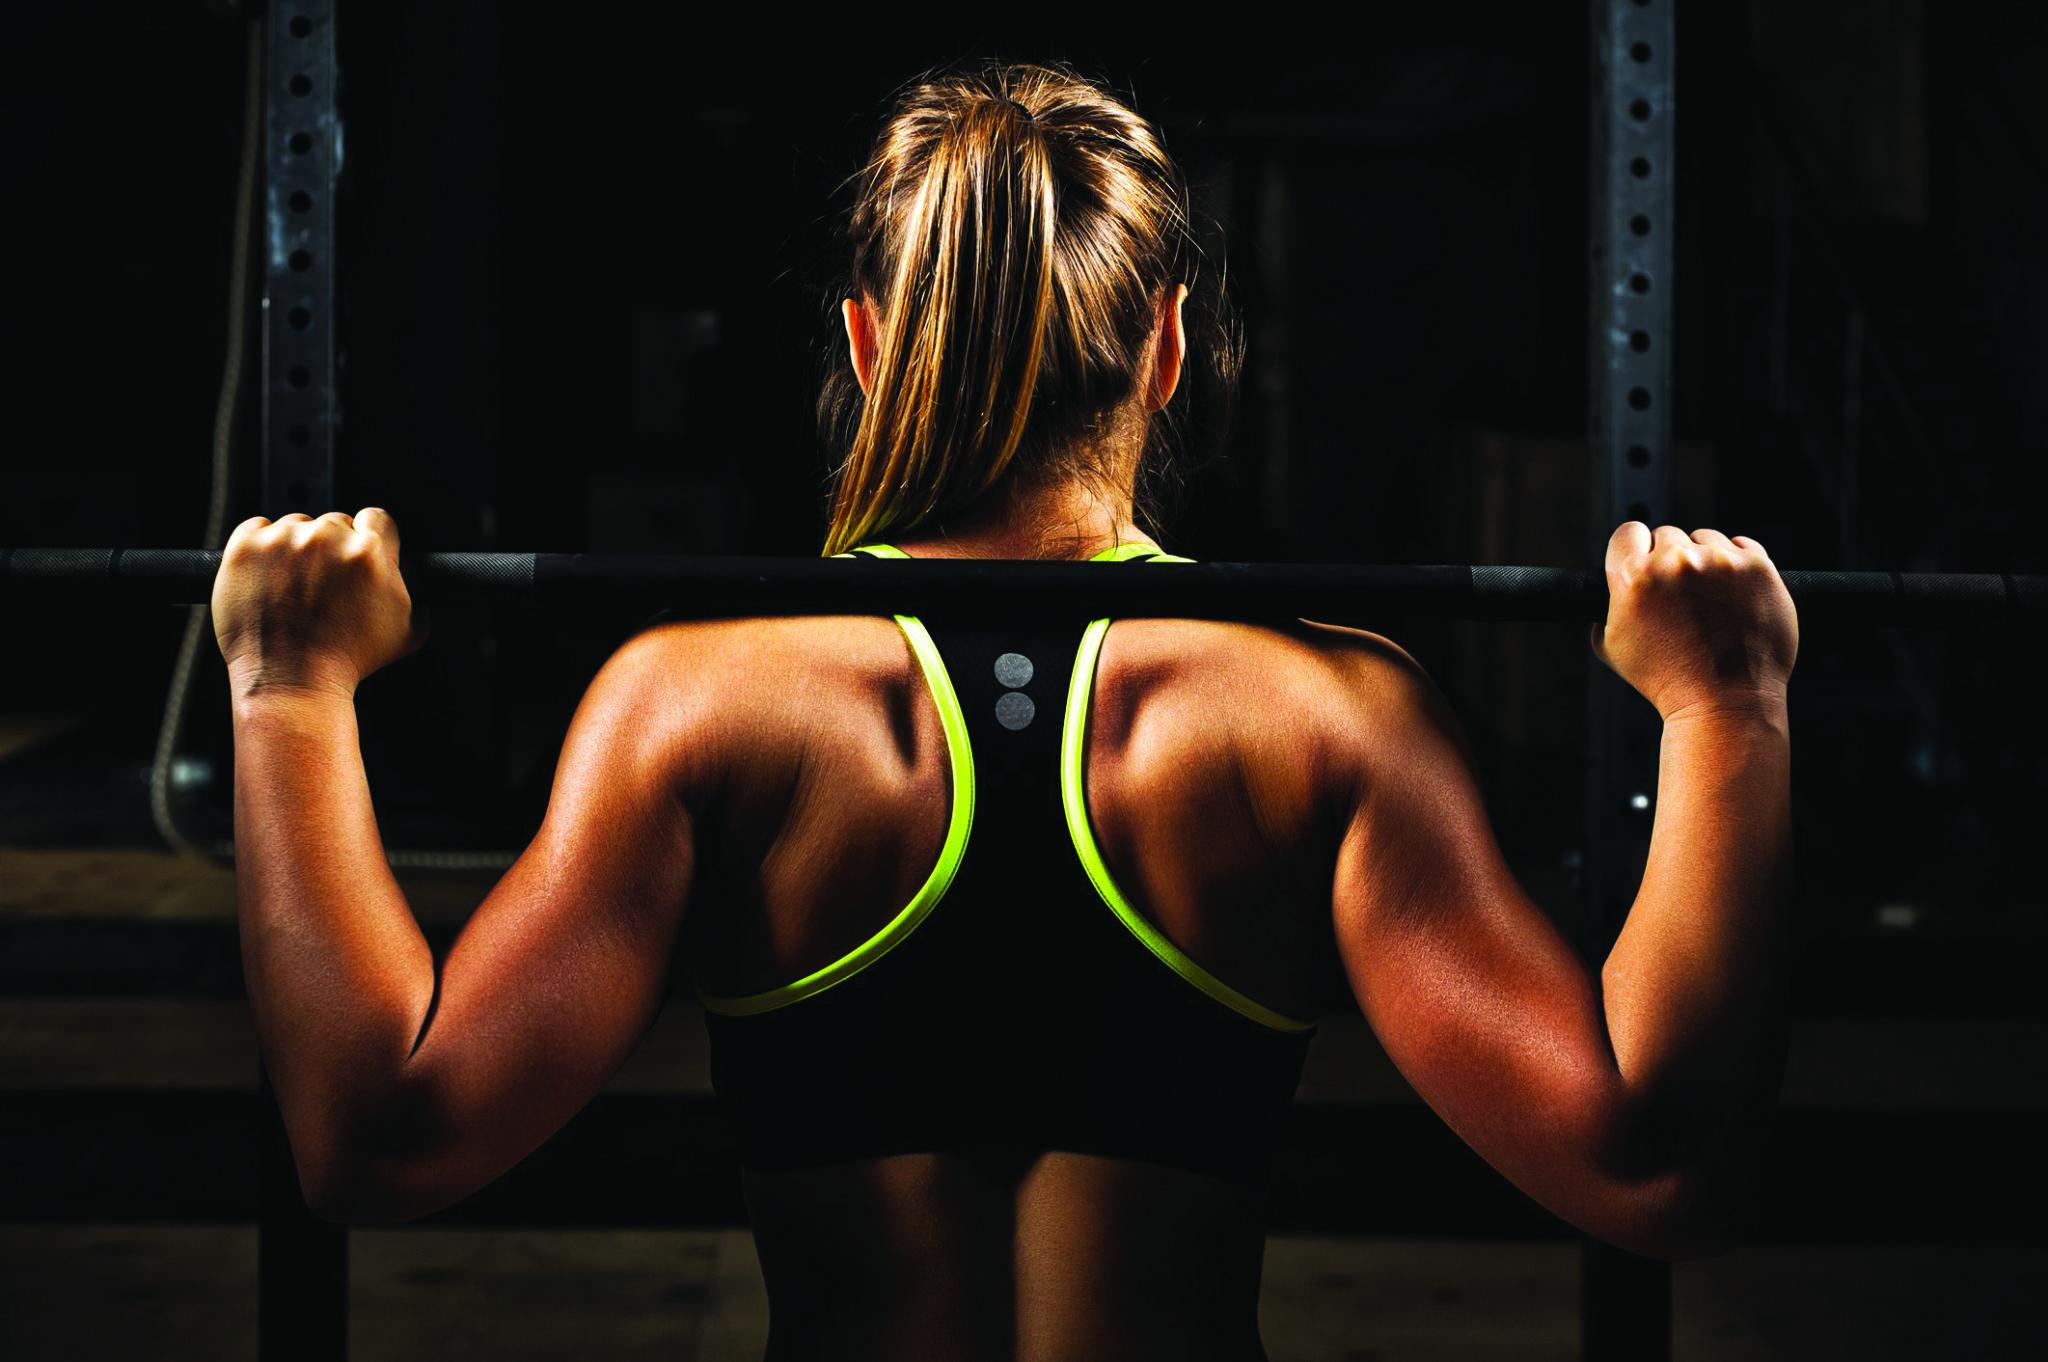 corrida ou musculação